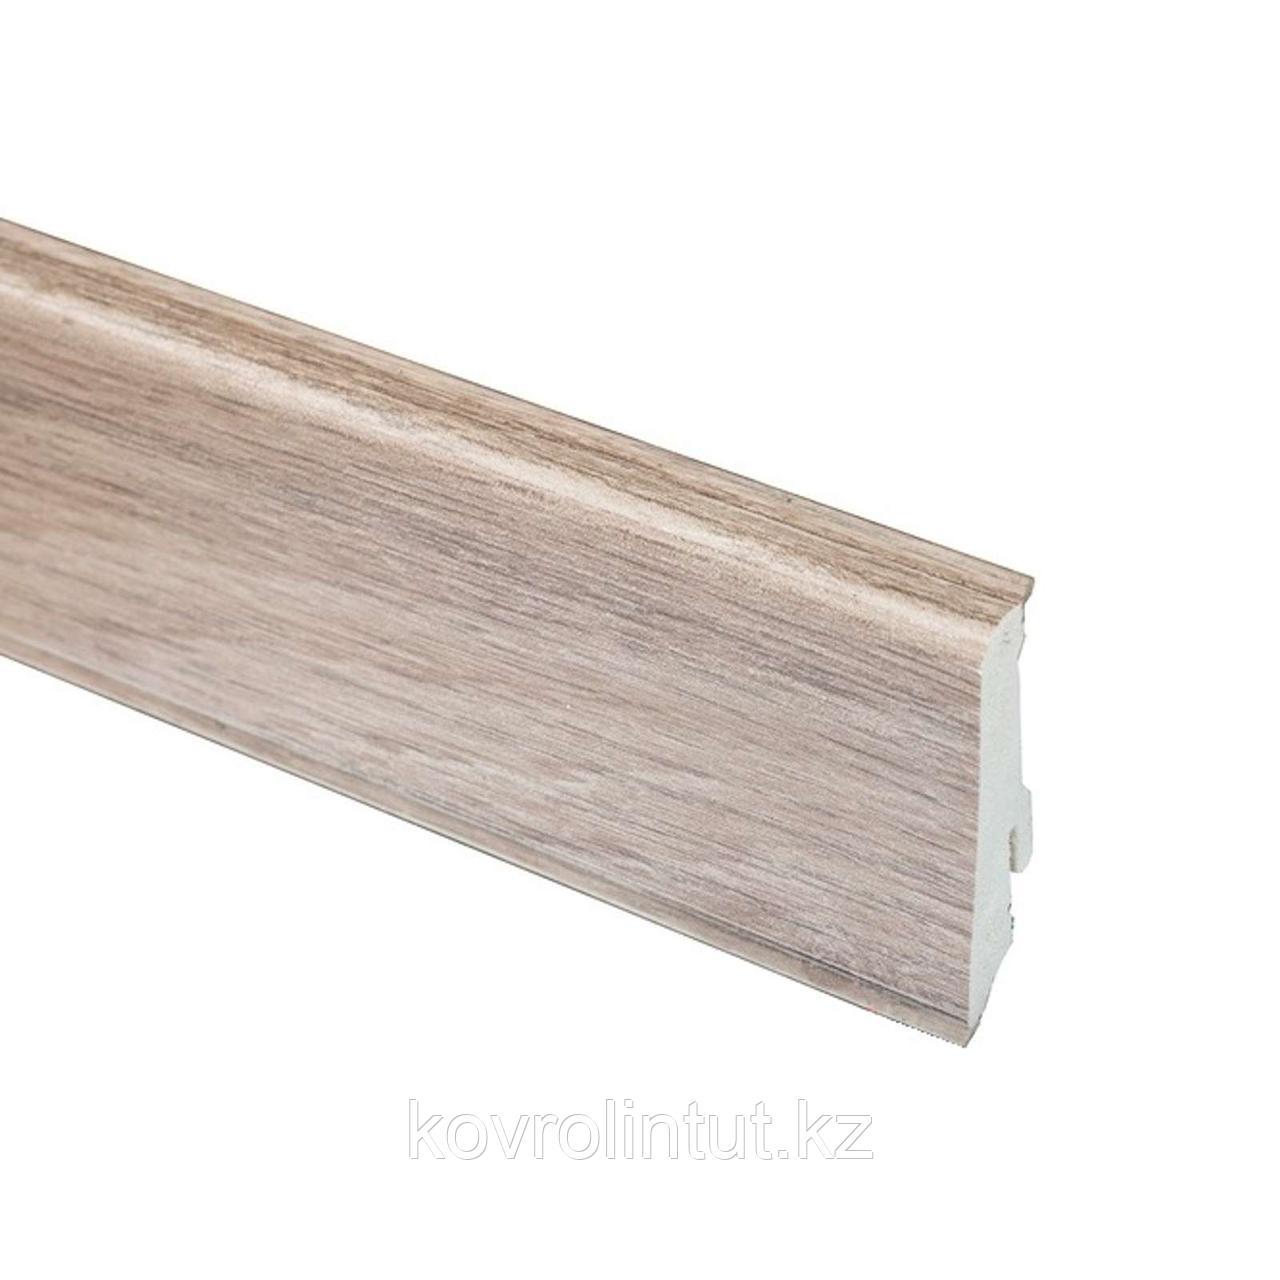 Плинтус композитный для LVT Neuhofer Holz, K0210L, 714463, 2400х59х17 мм